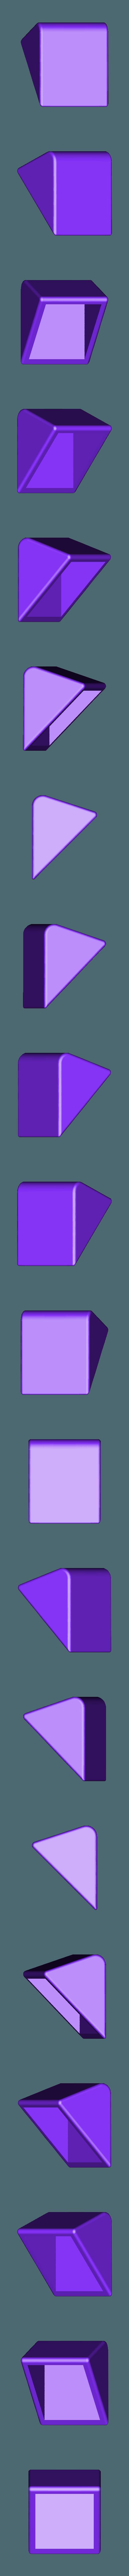 Stock_Cap.stl Télécharger fichier STL gratuit Mario + Lapins Crétins - Plumer's Helper Boomshot • Modèle pour impression 3D, Dsk